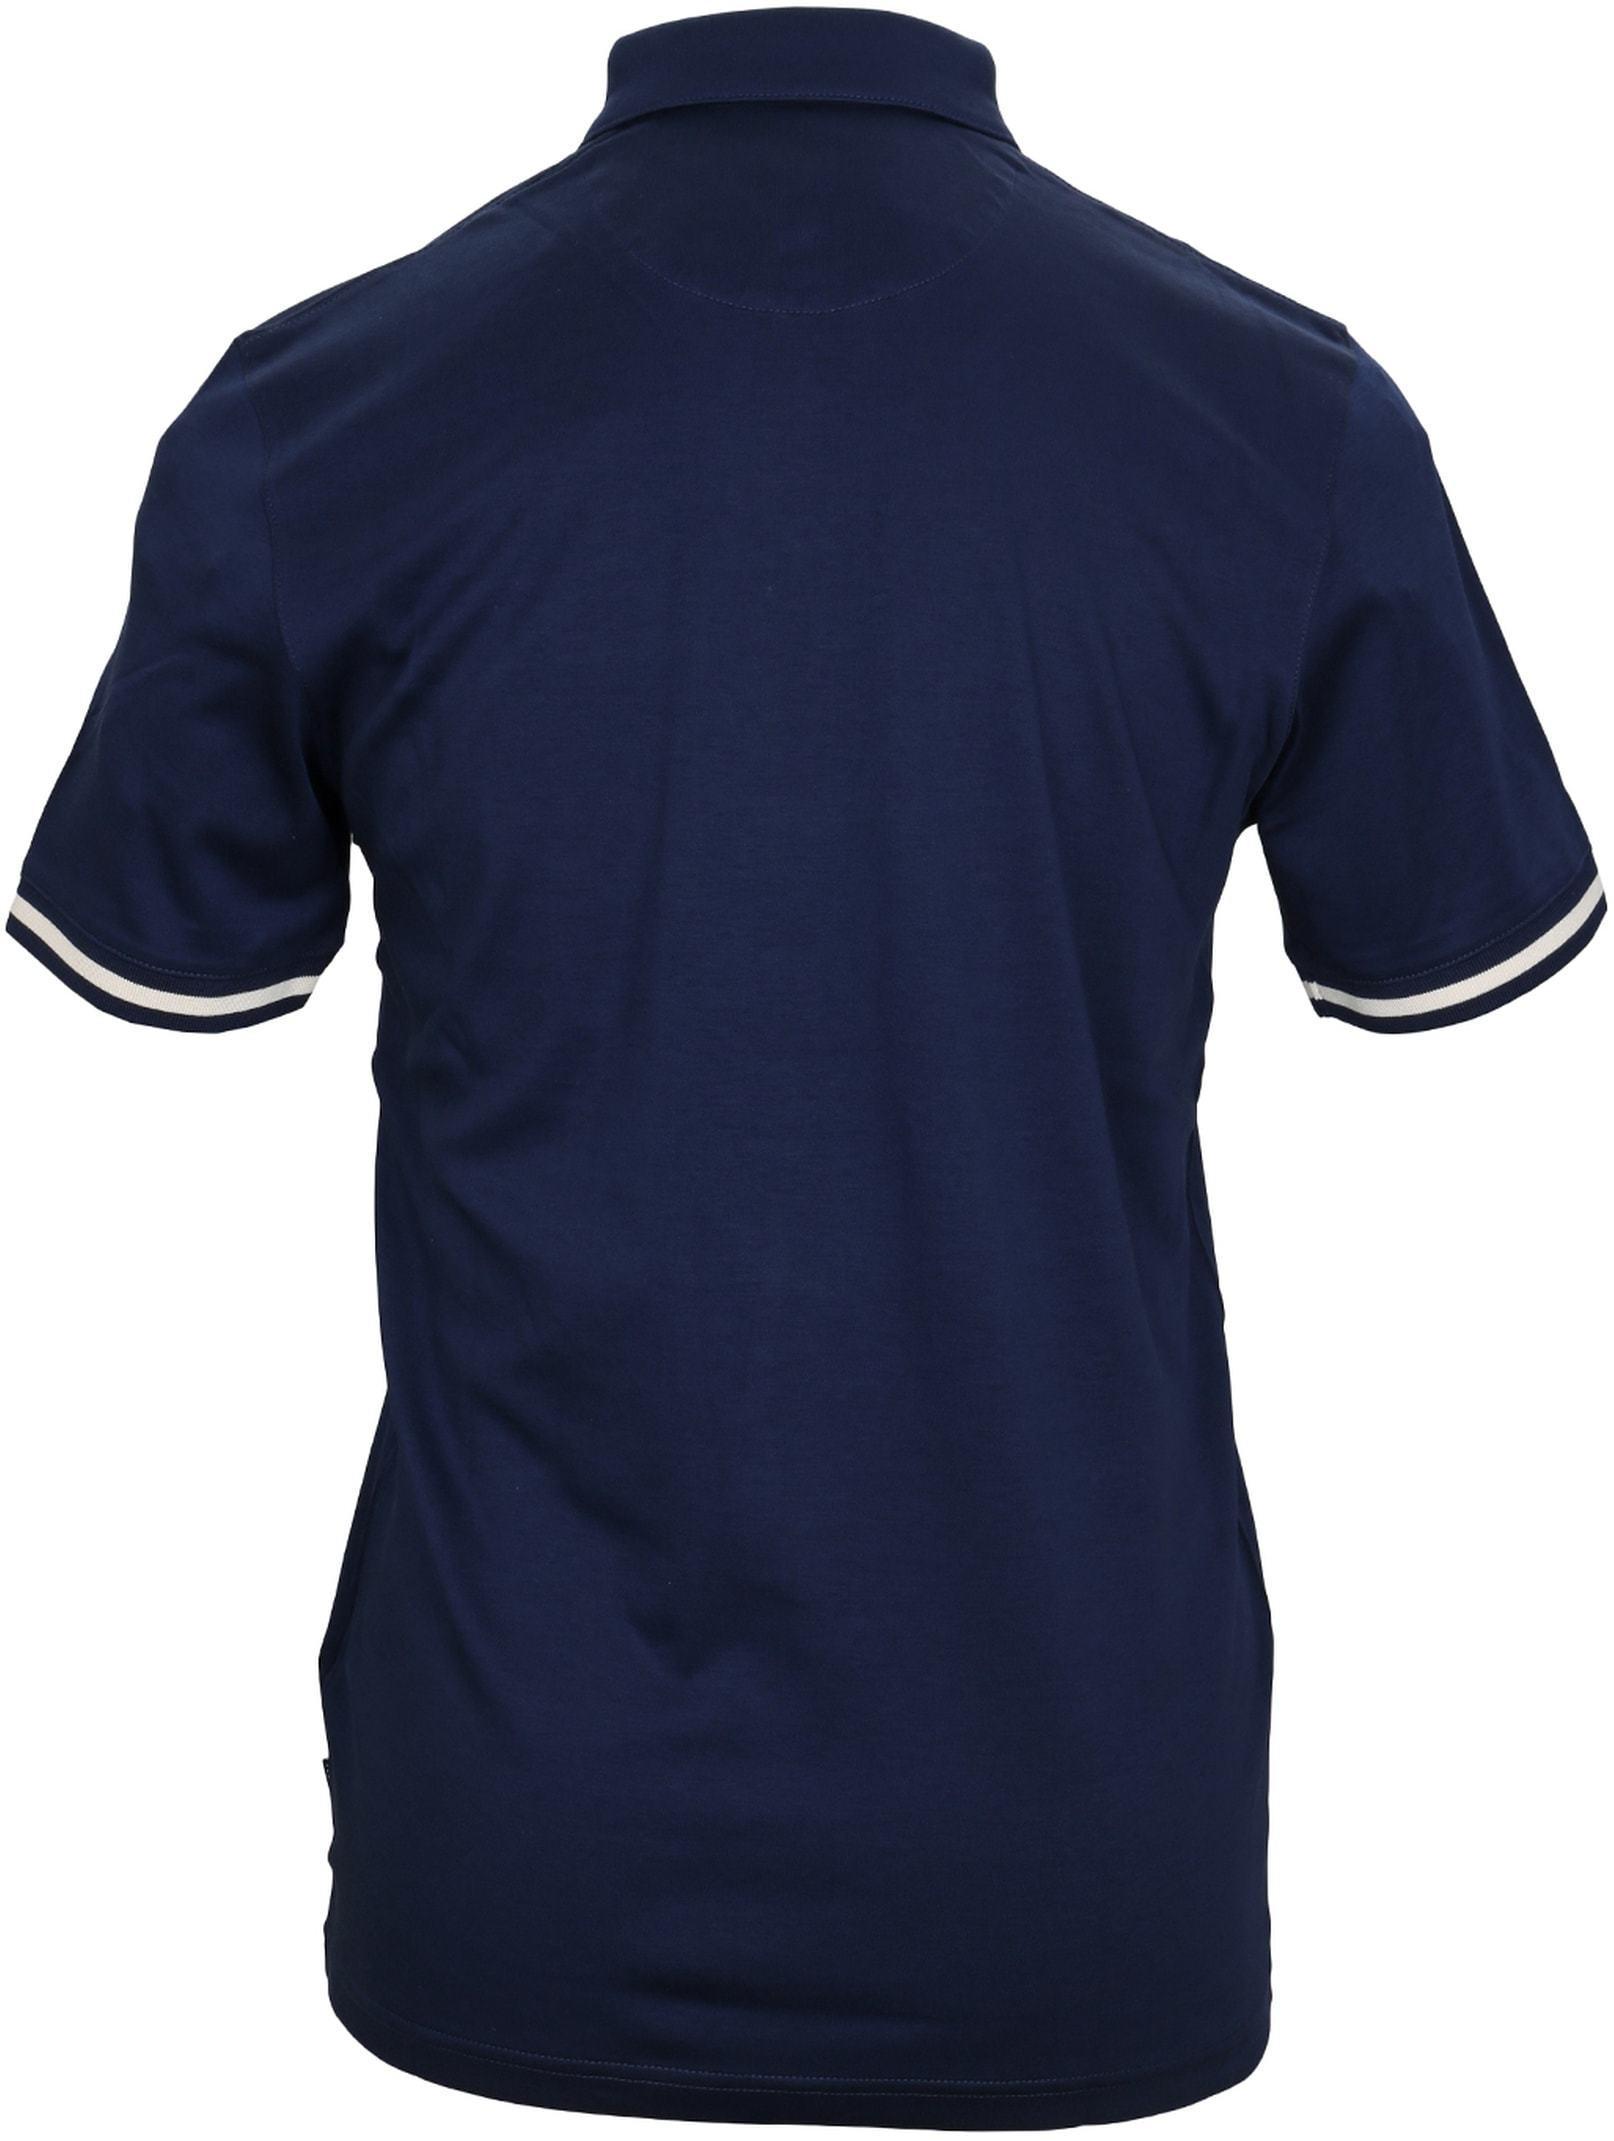 Ted Baker Poloshirt Katoen Navy foto 3